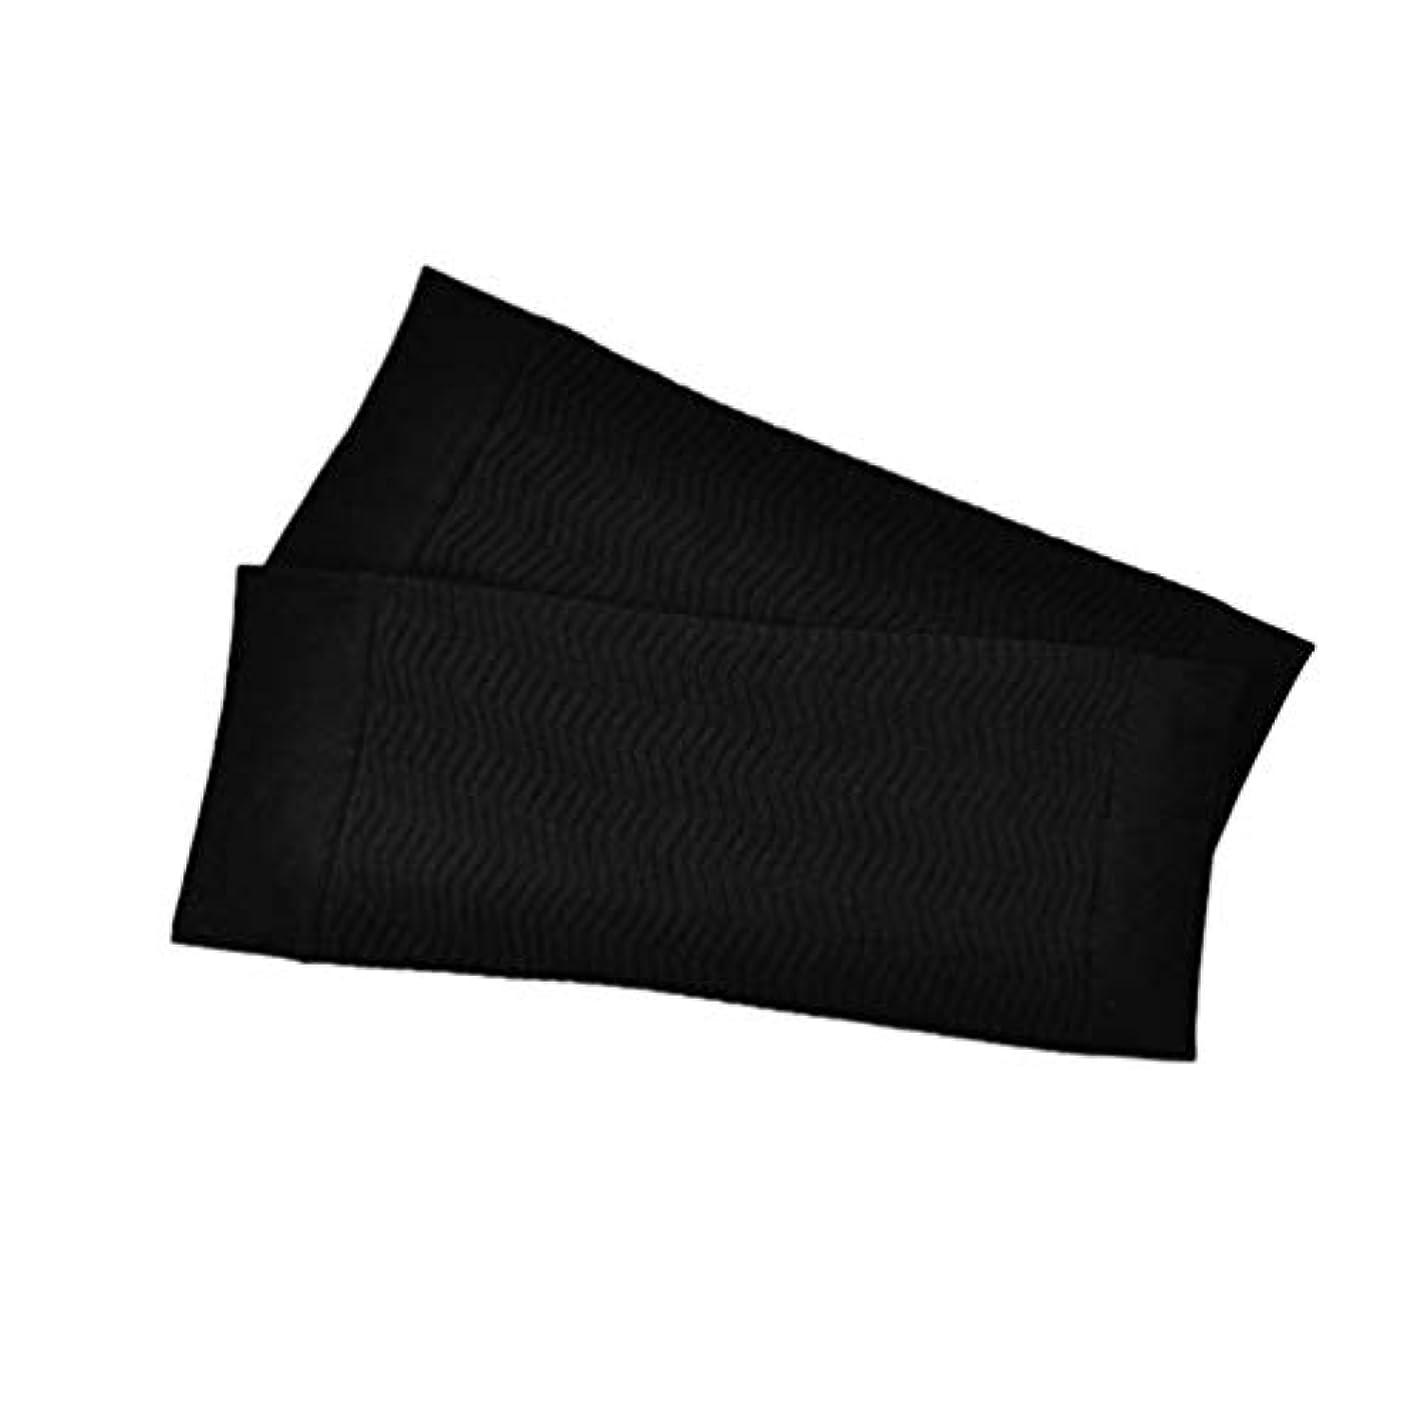 地元スーパー退屈させる1ペア680 D圧縮アームシェイパーワークアウトトーニングバーンセルライトスリミングアームスリーブ脂肪燃焼半袖用女性 - ブラック